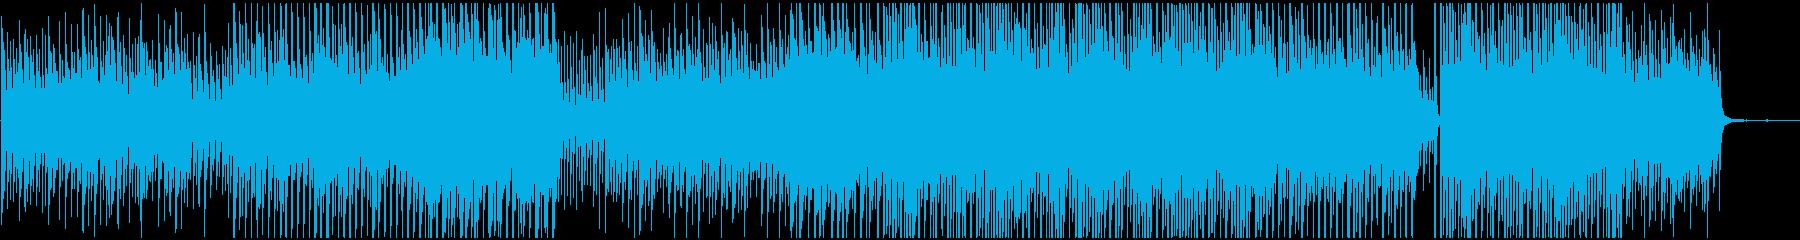 かわいい系の優しい音の再生済みの波形